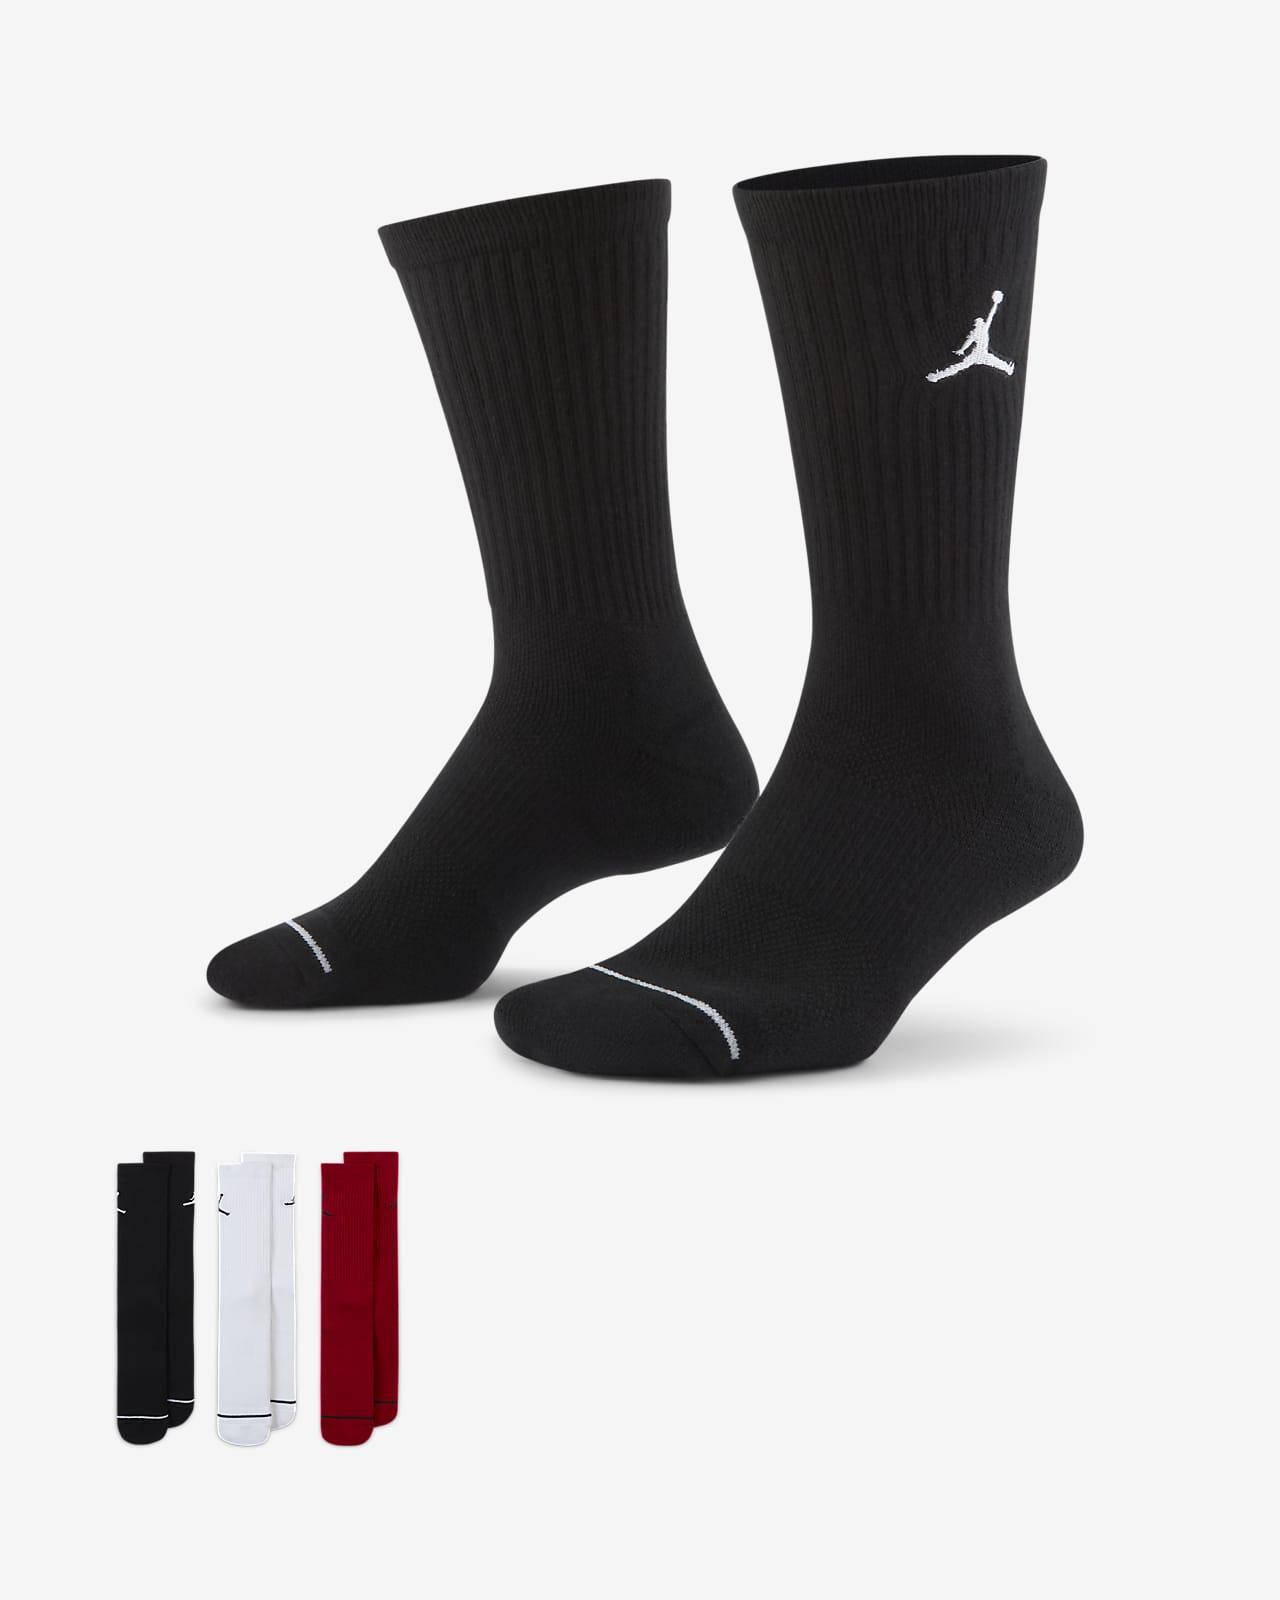 ถุงเท้าข้อยาว Unisex Jordan Everyday Max (3 คู่)